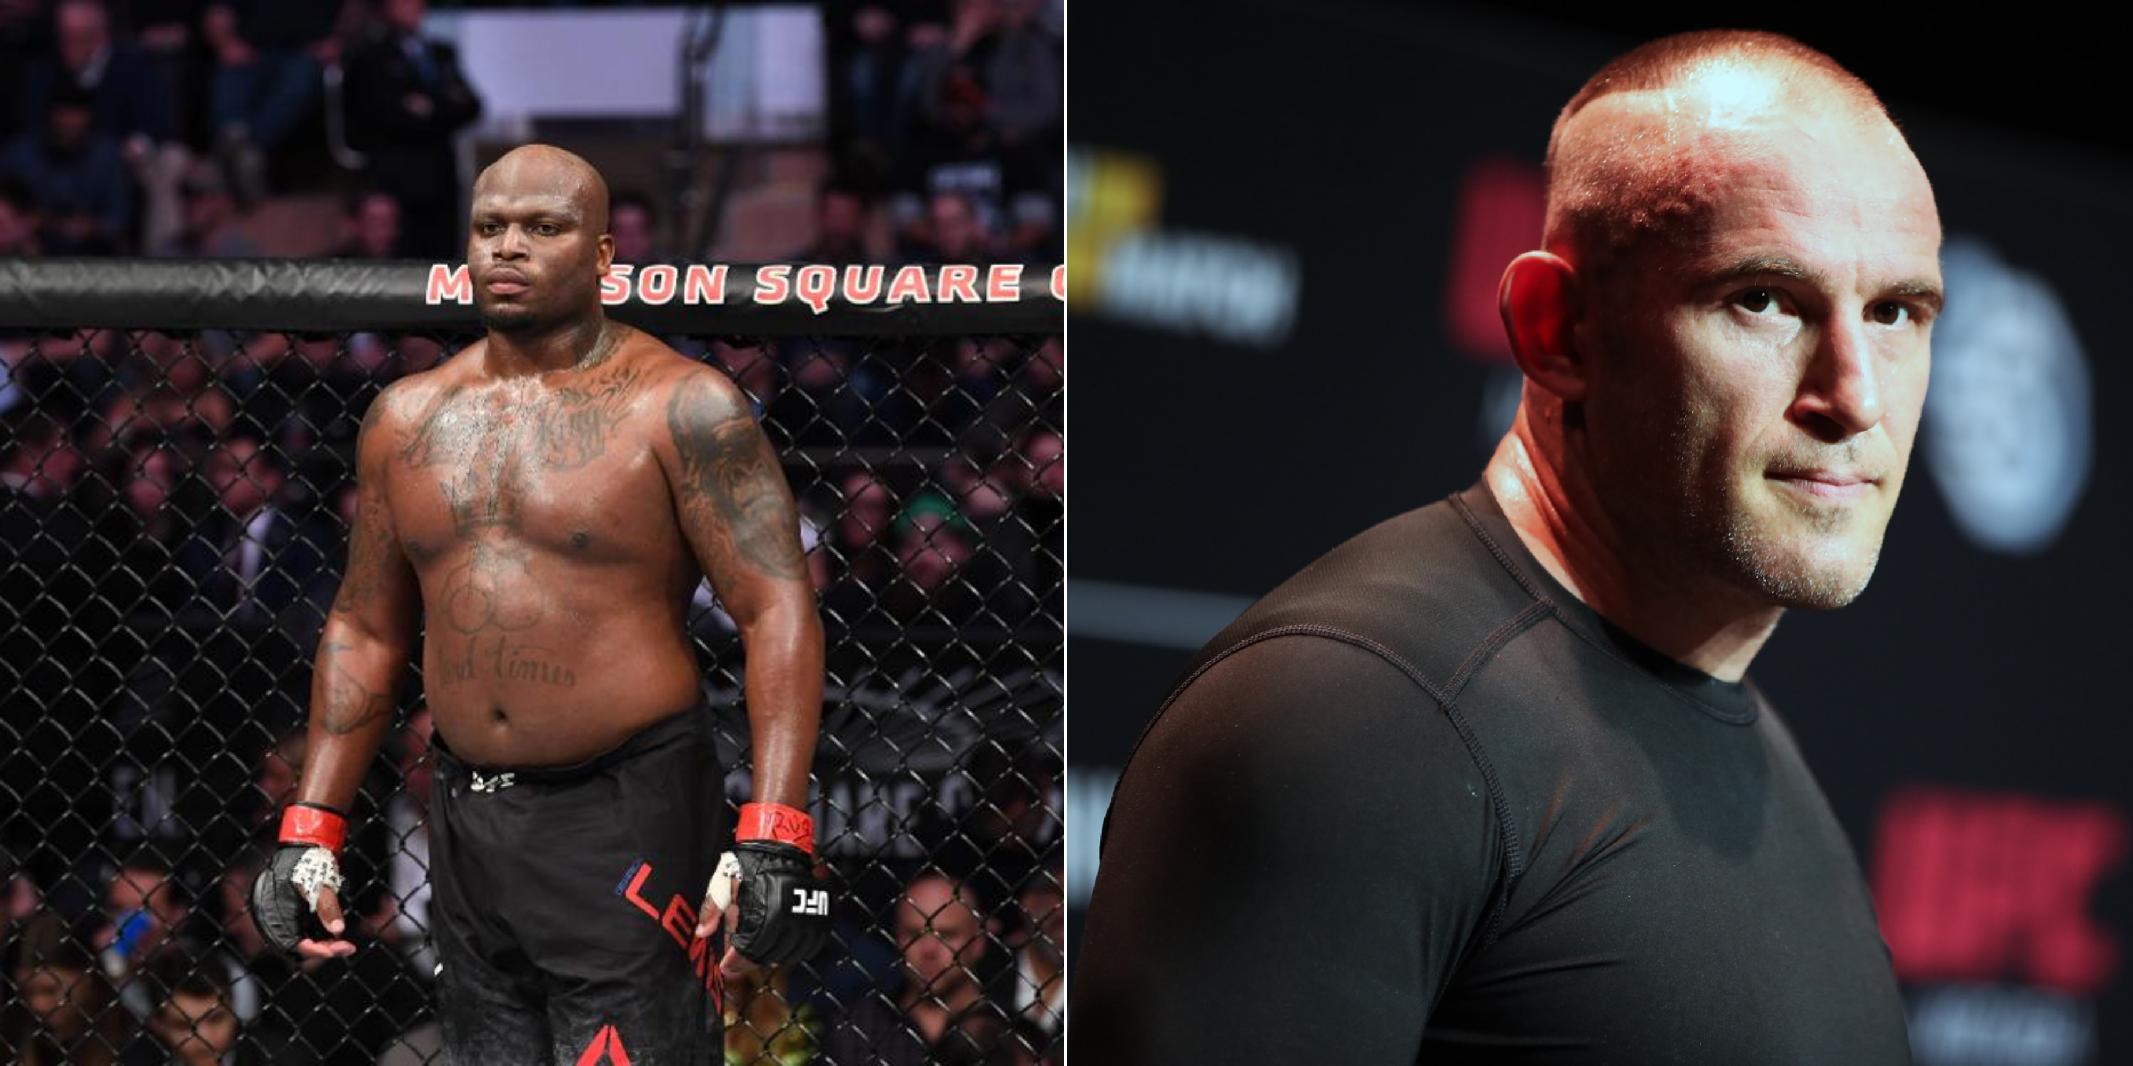 Опубликован постер турнира UFC с участием Деррика Льюиса и Алексея Олейника